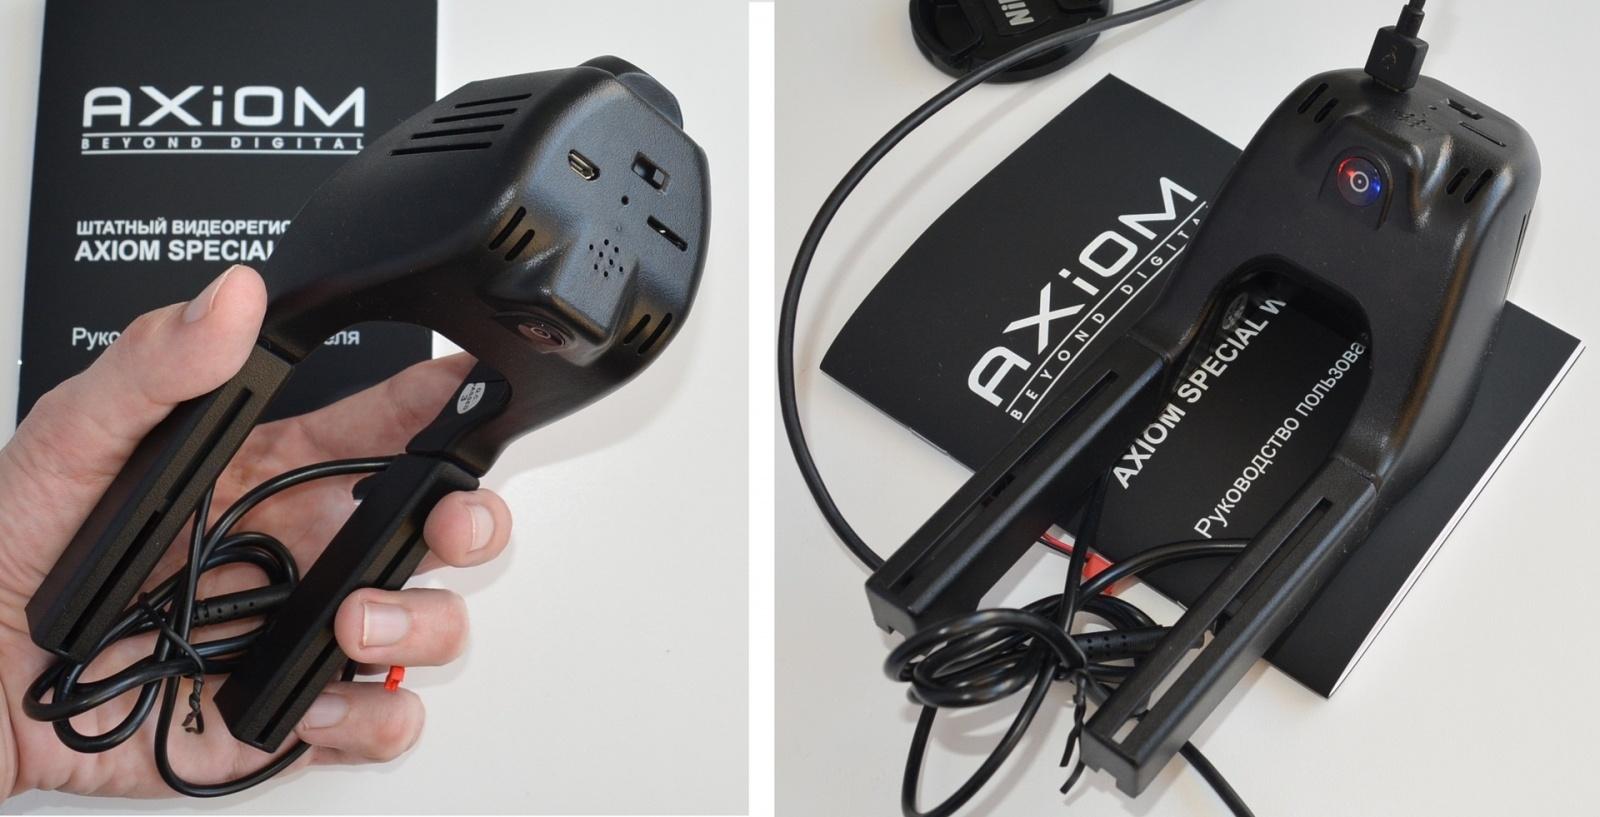 «Штатные» видеорегистраторы AXiOM: обзор Axiom Special Wi-Fi - 9